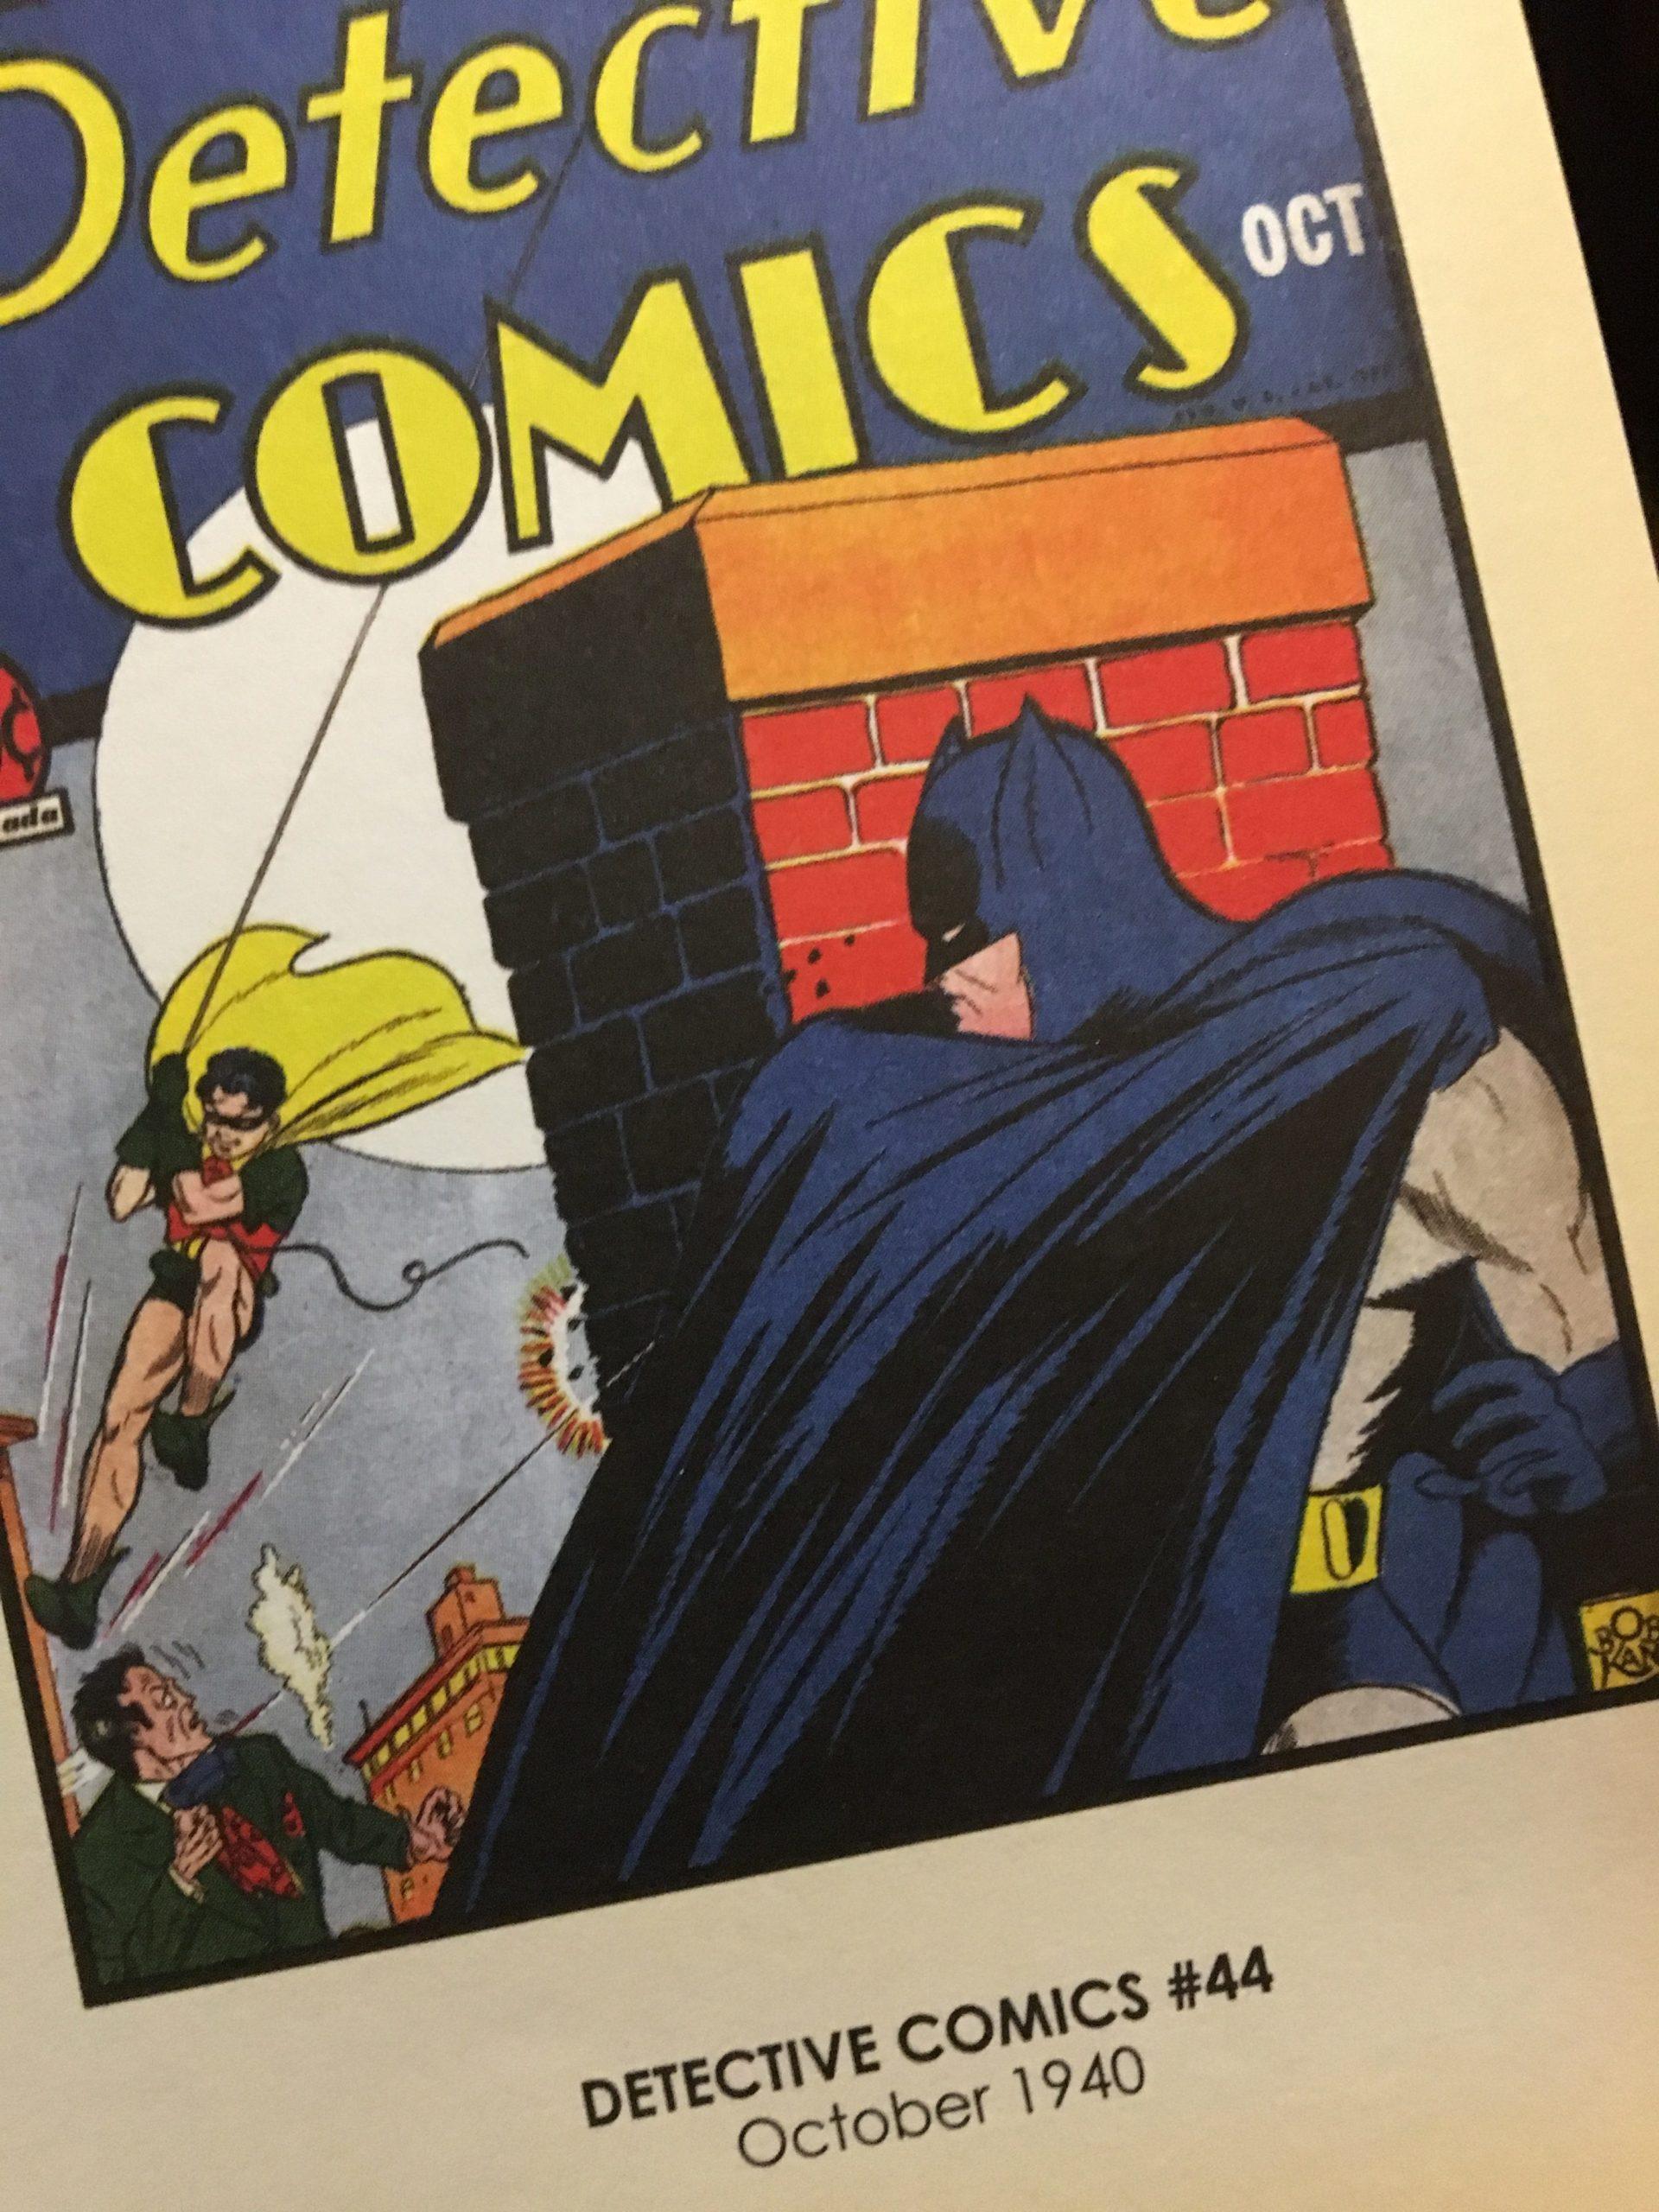 DETECTIVE COMICS #44, October 1940.